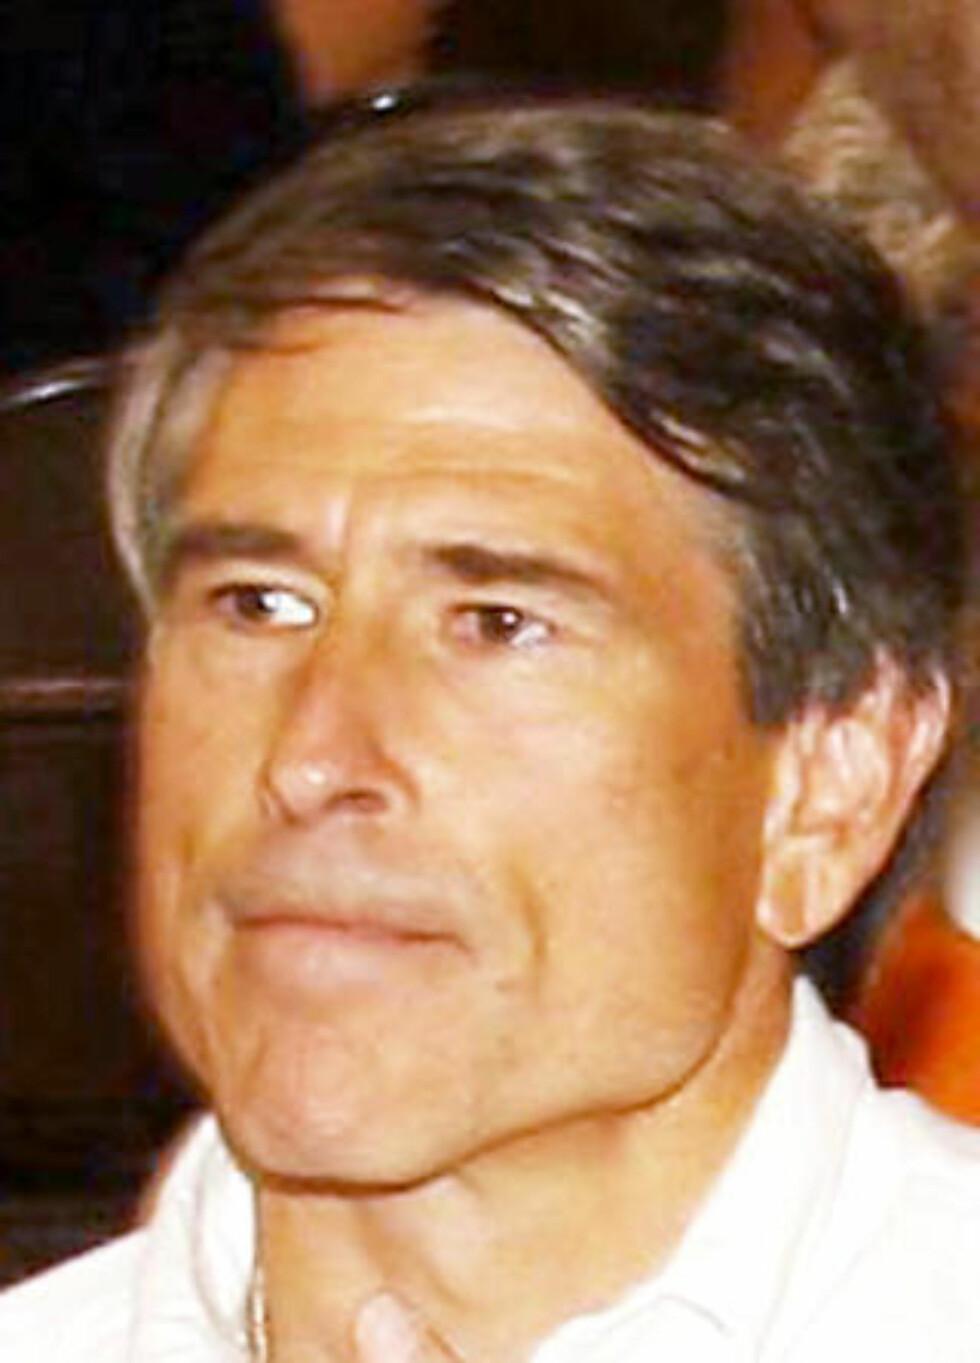 MEDTILTALT: Rod Blagojevichs bror Robert (53) er blant de fem medtiltalte i den omfattende saken. 53-åringen innehadde vervet som styreleder i guvernørbrorens kampanjefond. Foto: TED SCHURTER/DELSTATEN ILLINOIS/AP/SCANPIX